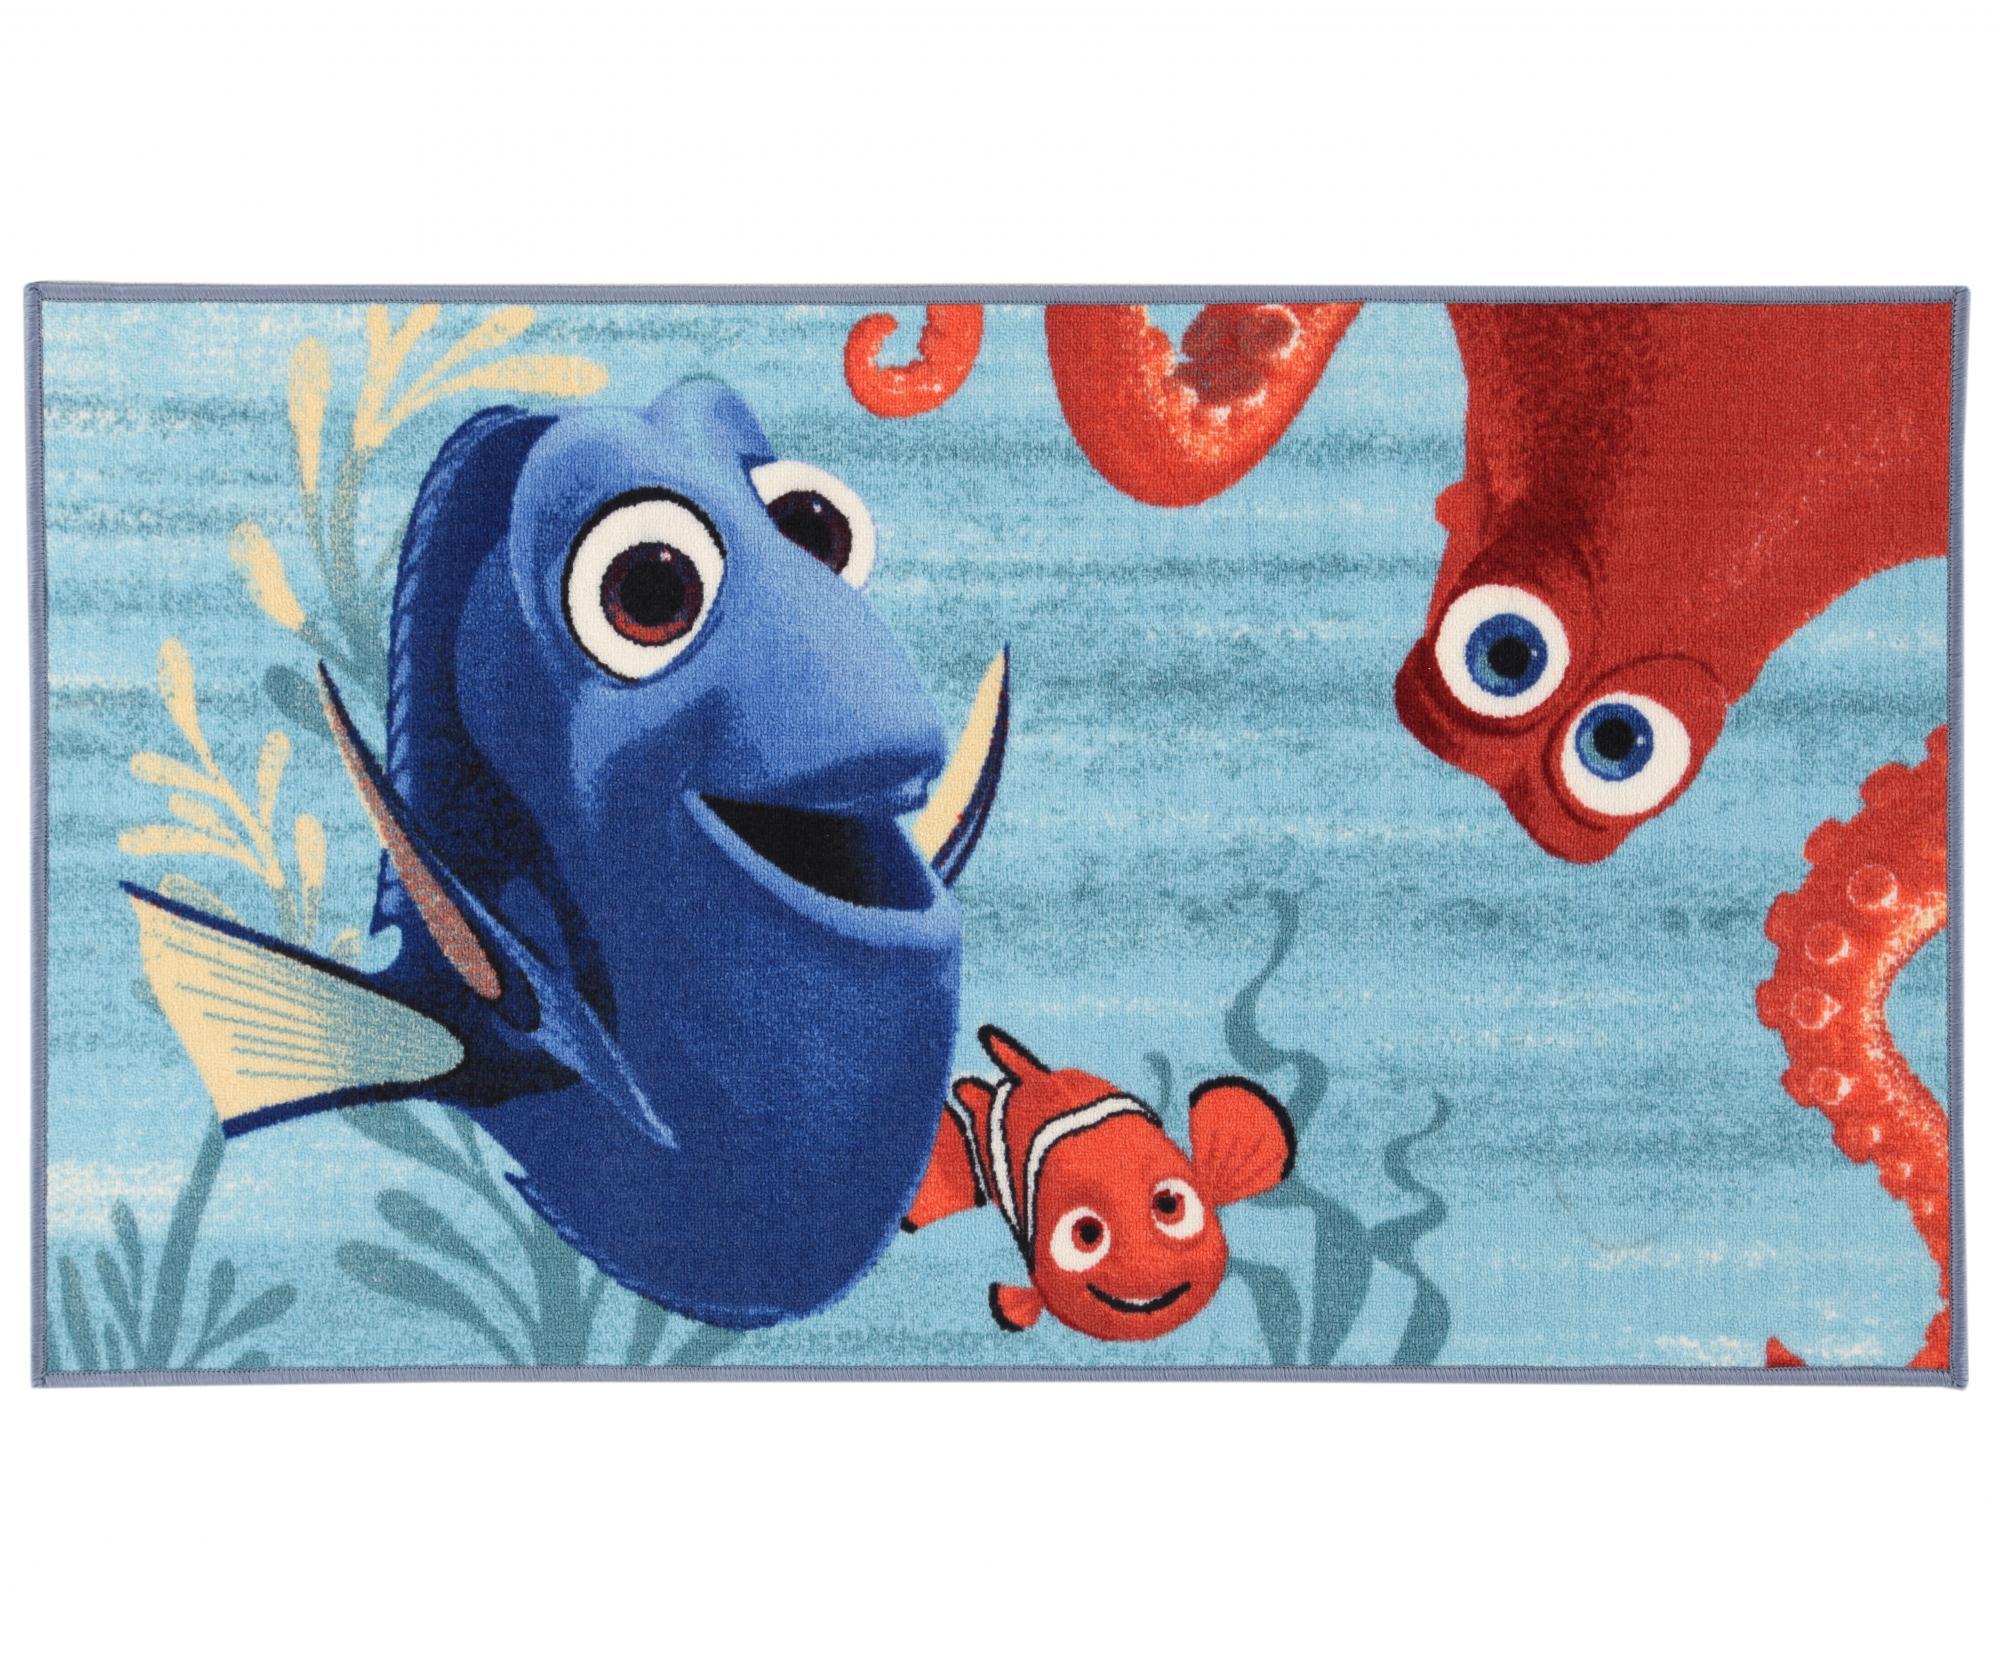 Covor Fish Dory 80x140 cm - Viva, Multicolor imagine